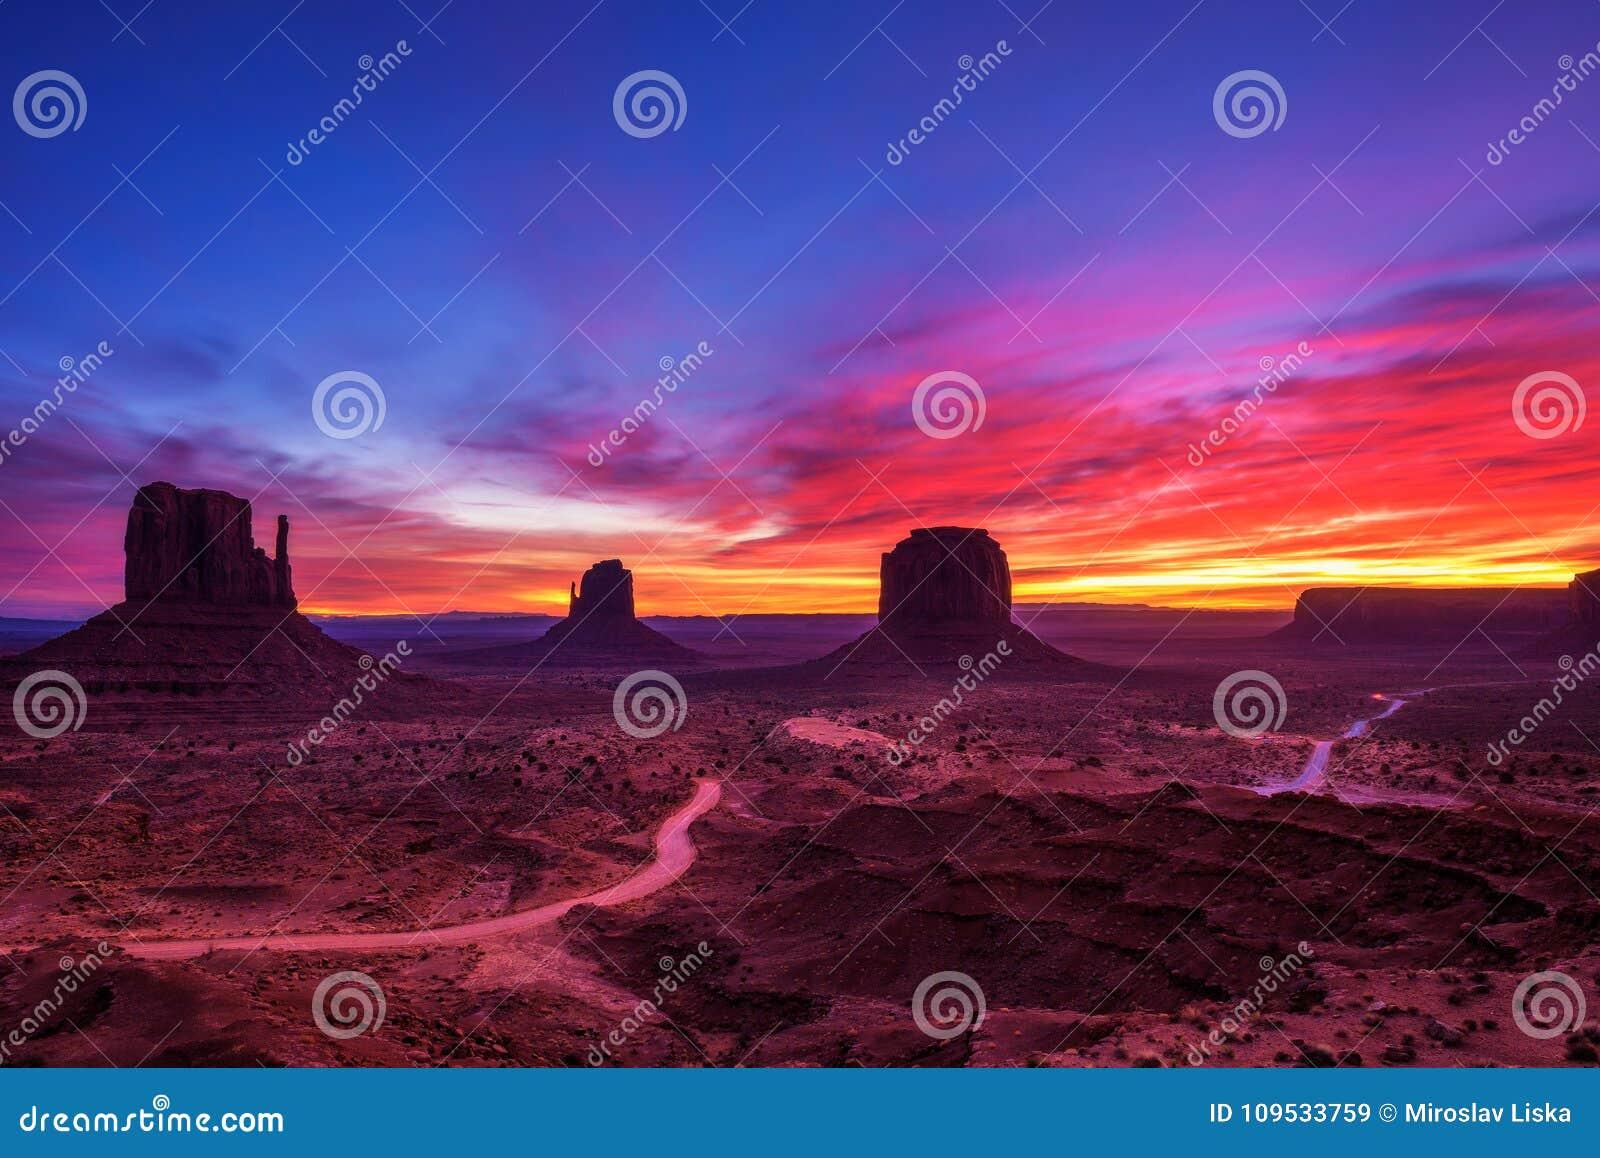 Salida del sol sobre el valle del monumento, Arizona, los E.E.U.U.